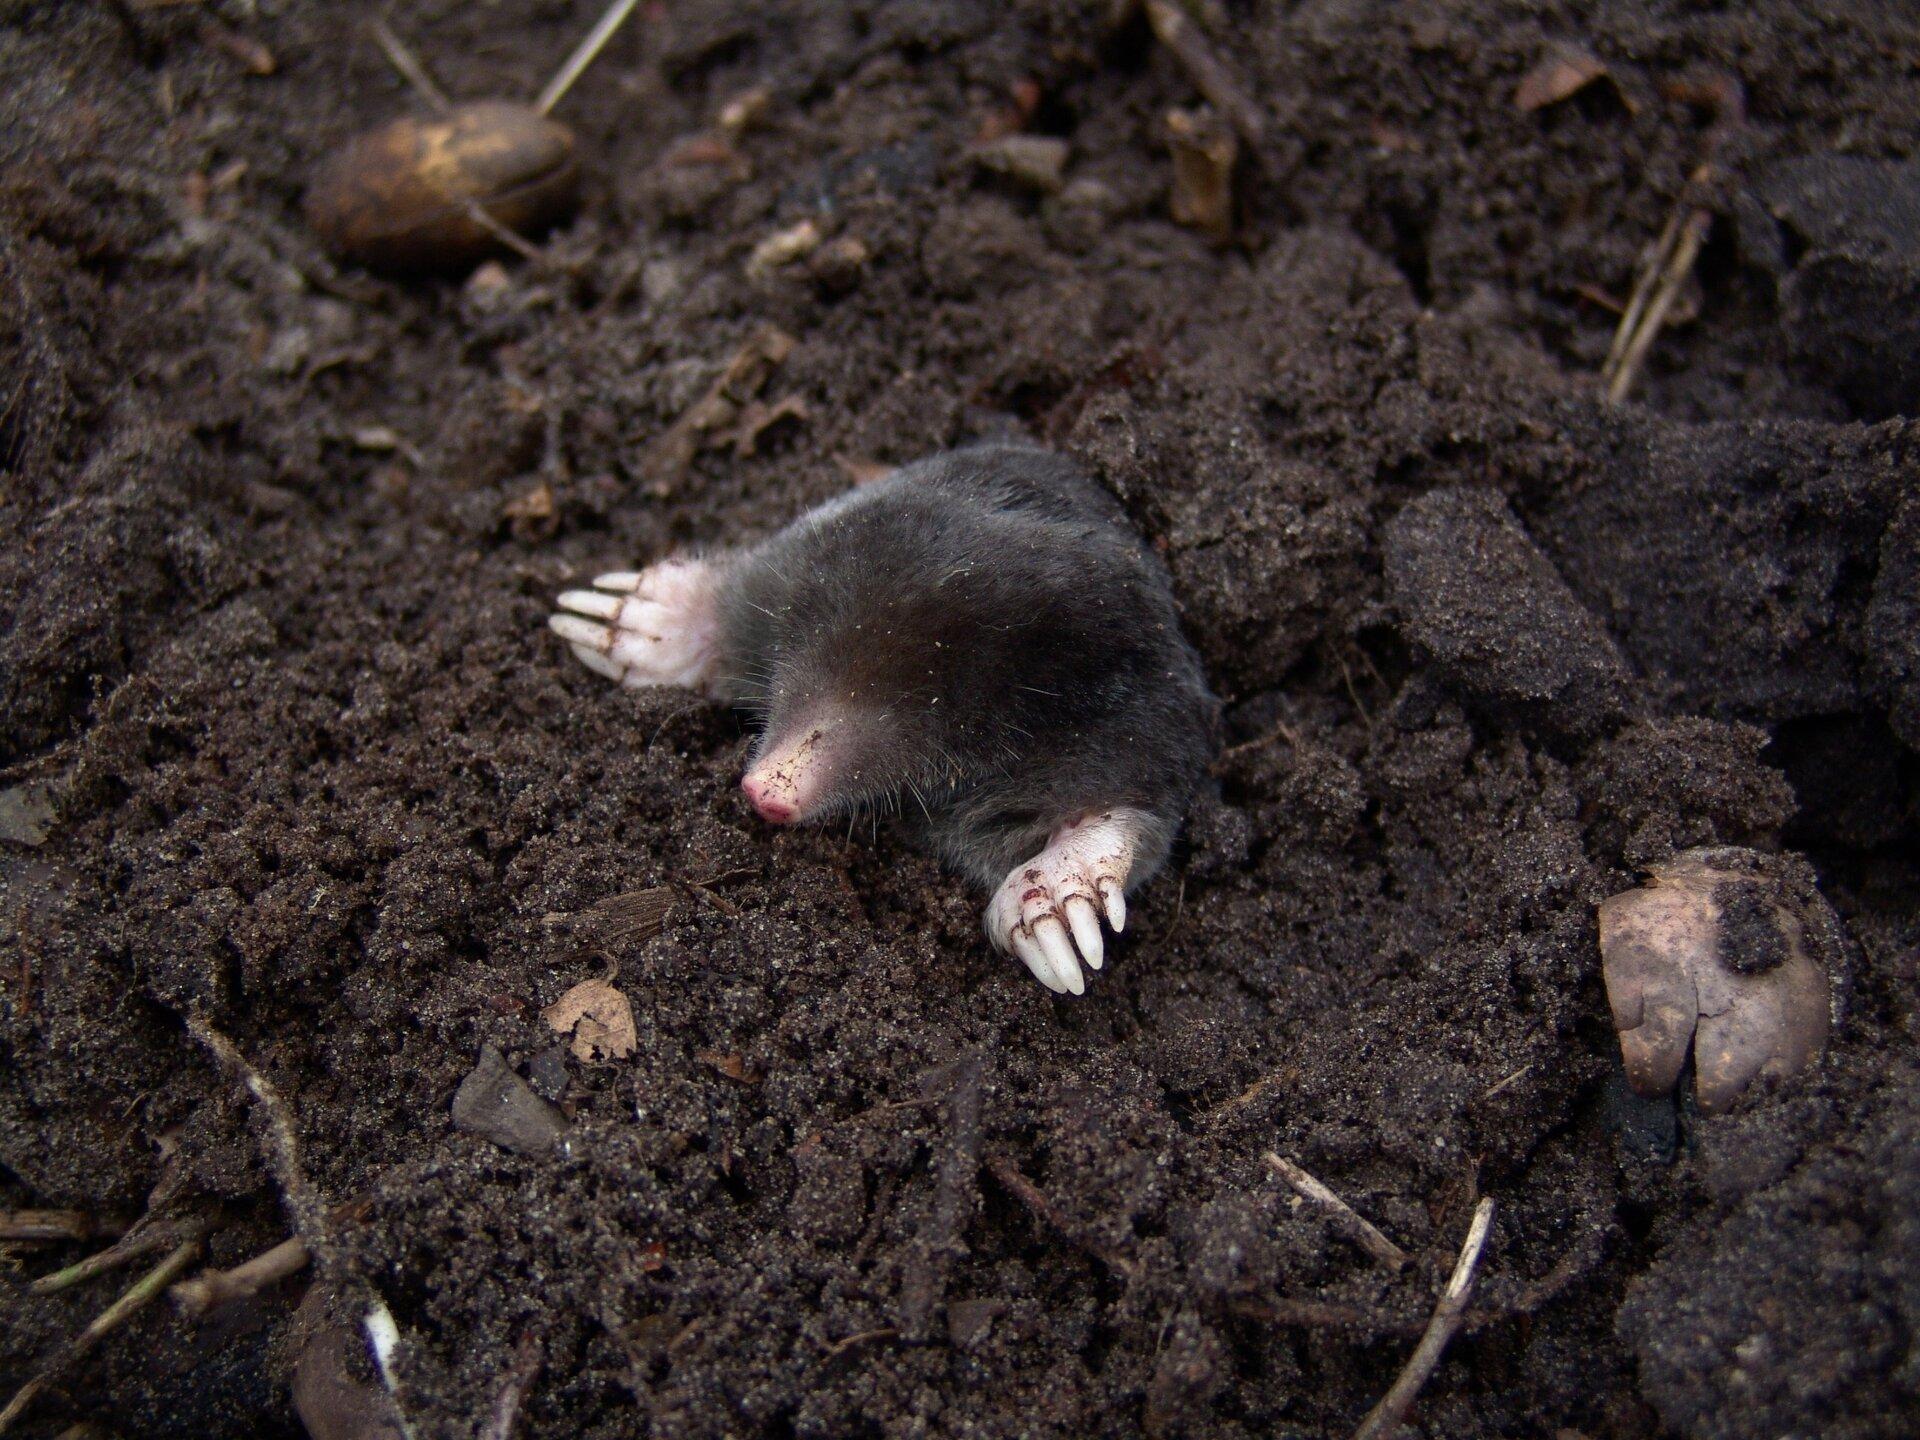 Fotografia przedstawia kreta wychodzącego zkopca ziemi. Ma krótkie, czarne futerko. Przednie łapy są szerokie, zaopatrzone wmocne pazury irozłożone na boki przy głowie. Pysk różowy, wydłużony, zwąsami. Oczu nie widać.